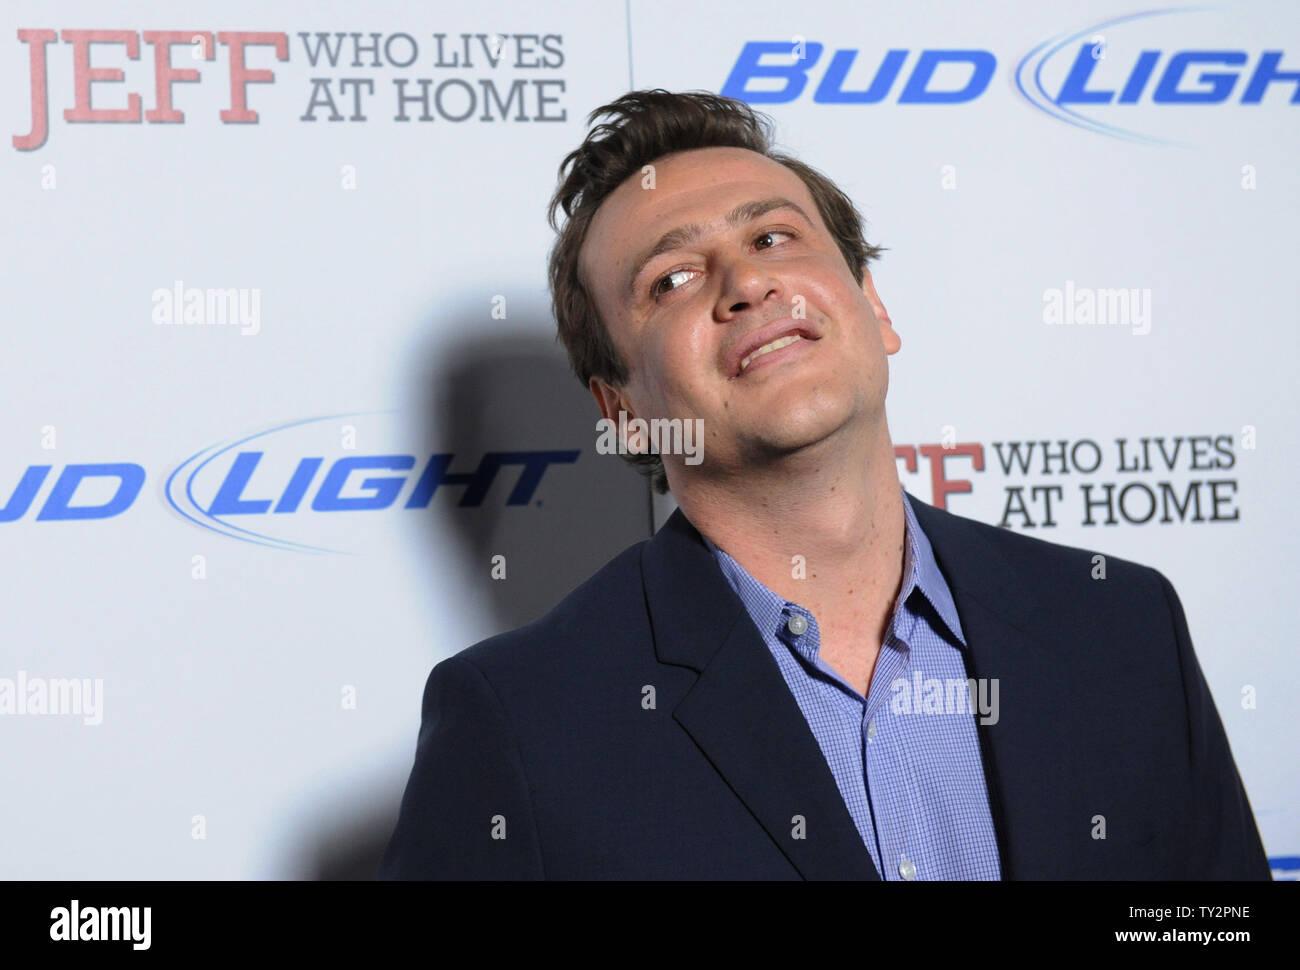 """Jason Segal, un miembro del reparto en la Motion Picture comedia 'Jeff, quien vive en casa"""", asiste al estreno de la película en el Directors Guild of America en Los Ángeles el 7 de marzo de 2012. UPI/jim Ruymen Imagen De Stock"""